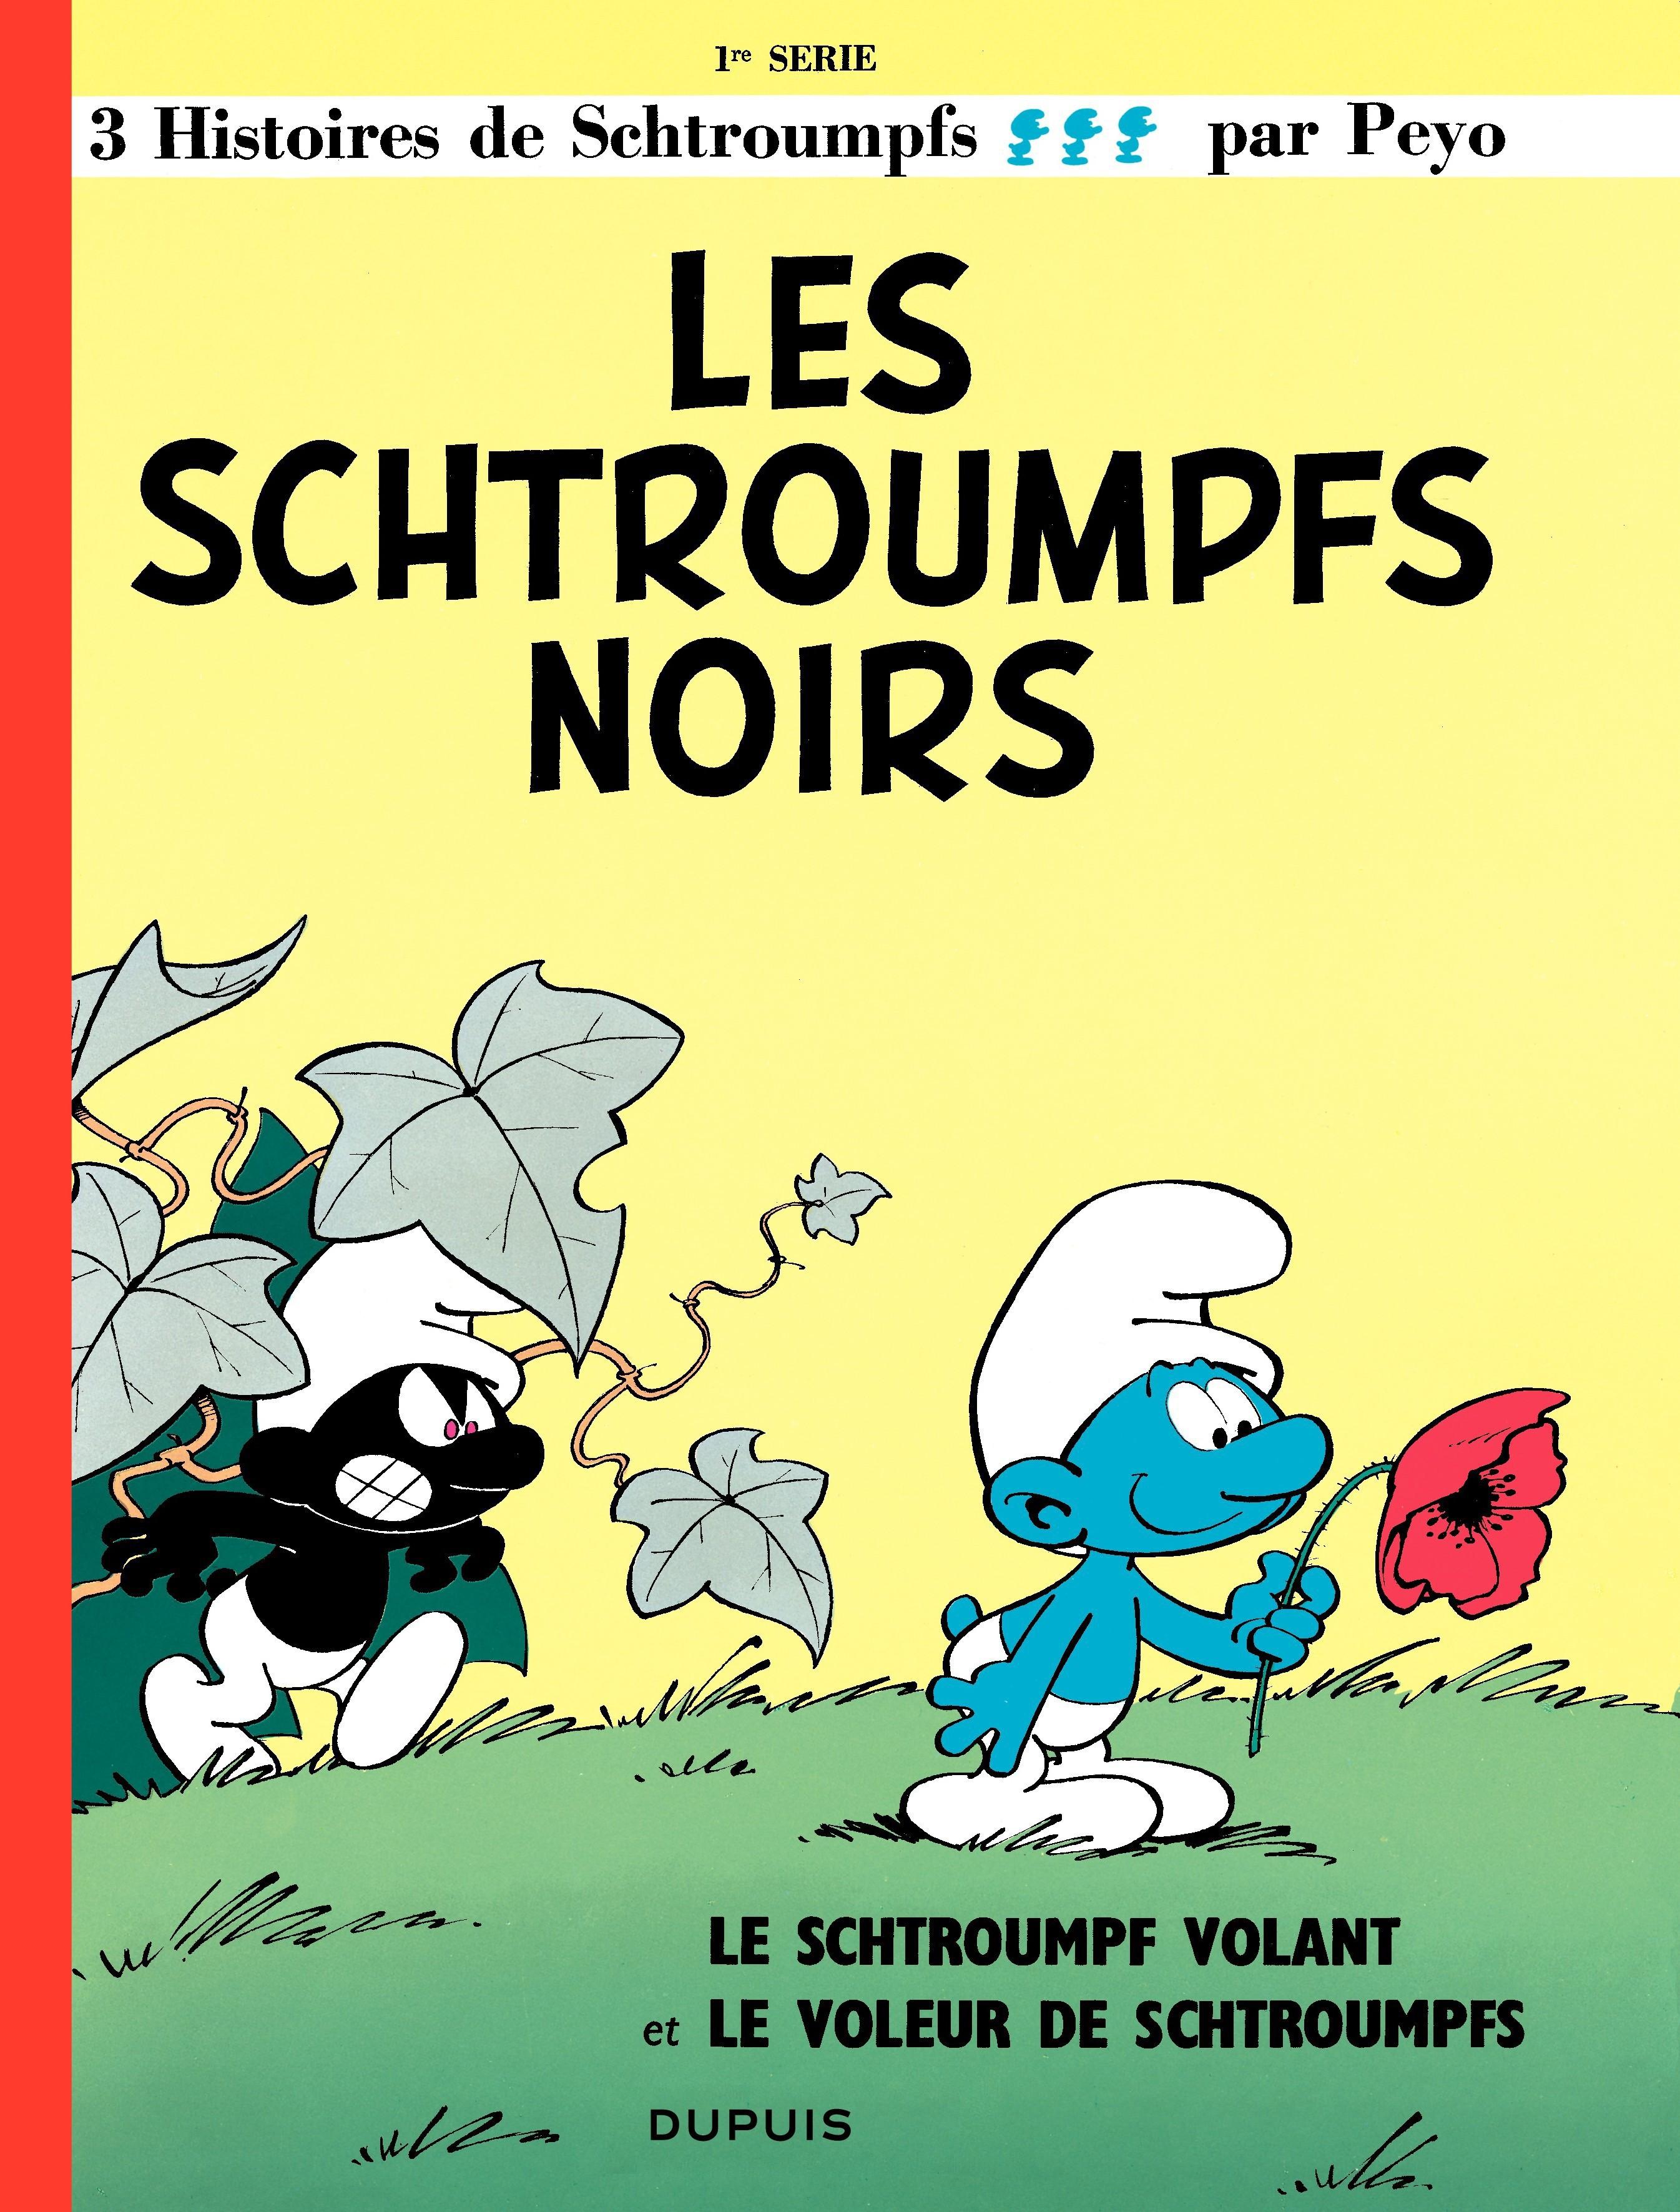 Les Schtroumpfs  - tome 01 - Les Schtroumpfs noirs